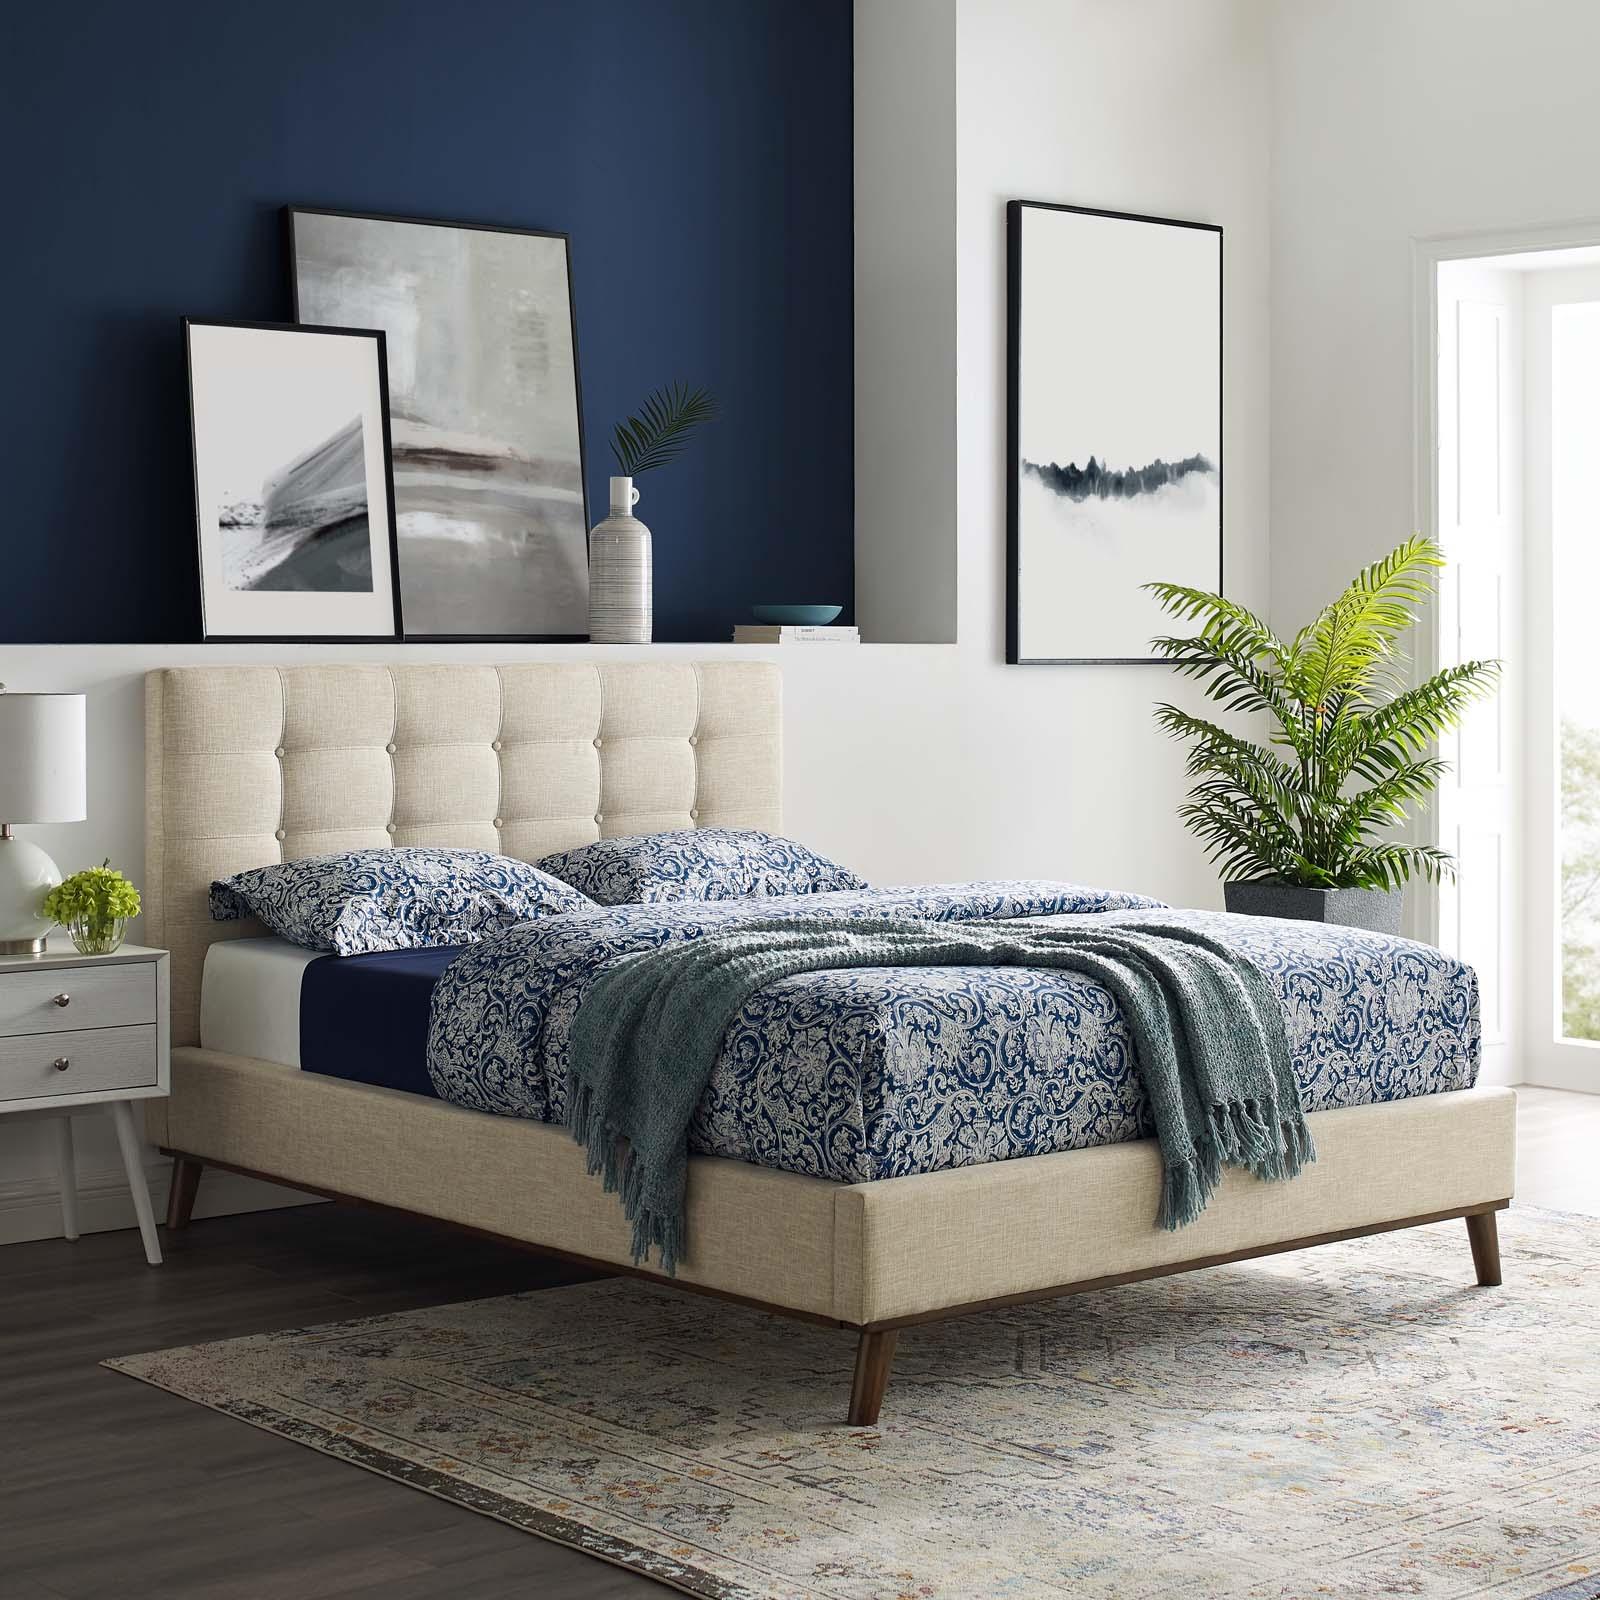 McKenzie Queen Biscuit Tufted Upholstered Fabric Platform Bed in Beige